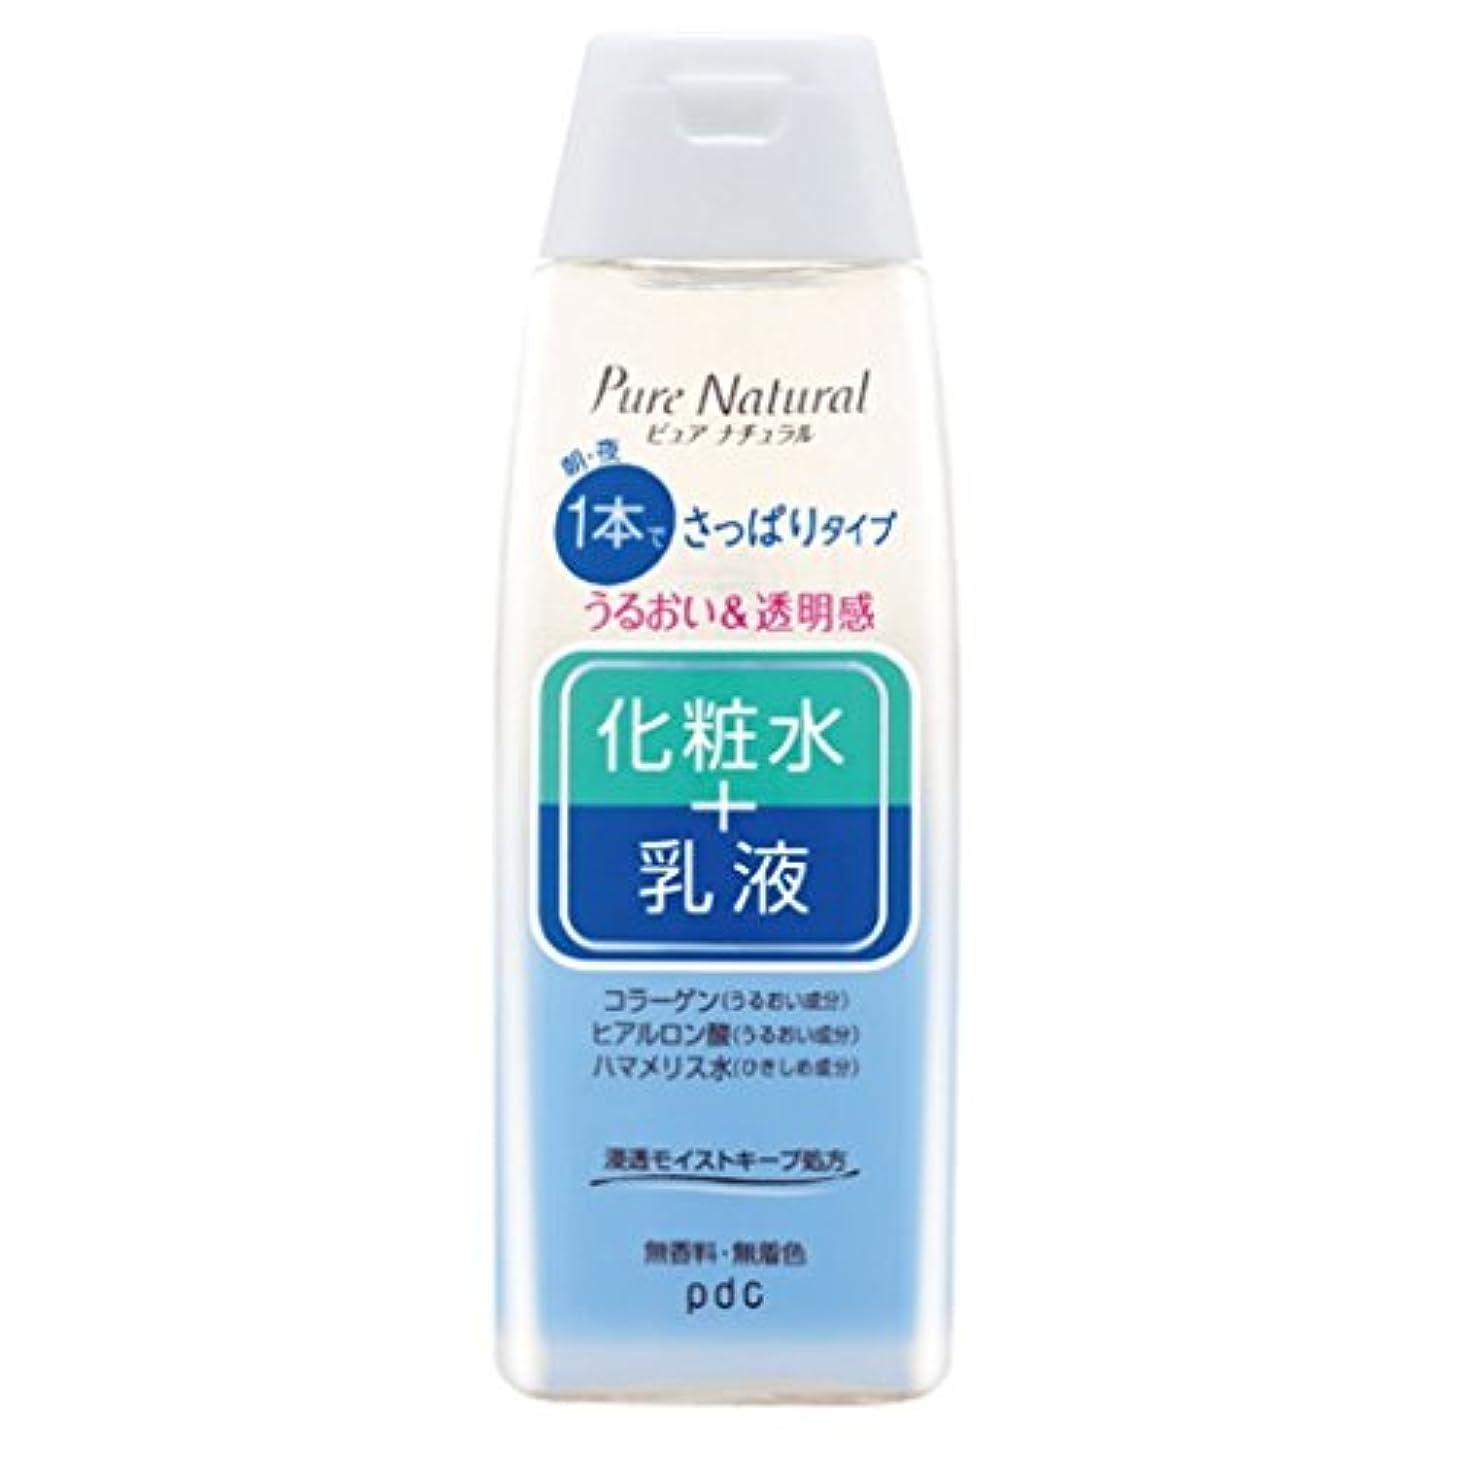 コアアジア人要求Pure NATURAL(ピュアナチュラル) エッセンスローション ライト 210mL